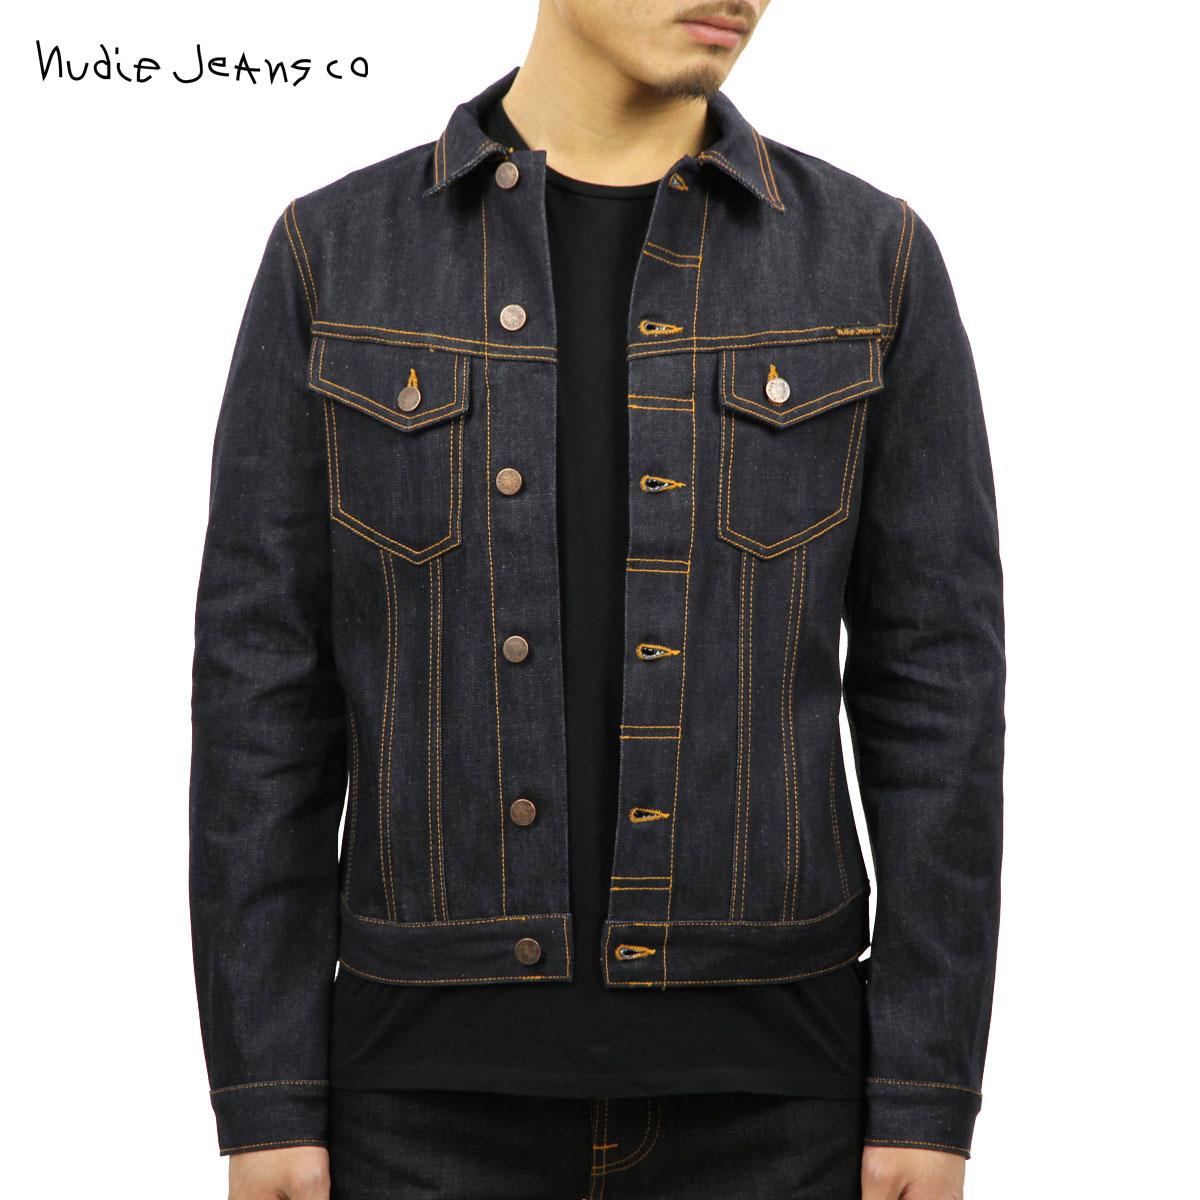 【販売期間 10/18 10:00〜10/26 1:59】 ヌーディージーンズ Nudie Jeans 正規販売店 メンズ アウター デニムジャケット BILLY DRY RING DENIM JACKET DENIM B26 160471 5003 D00S15